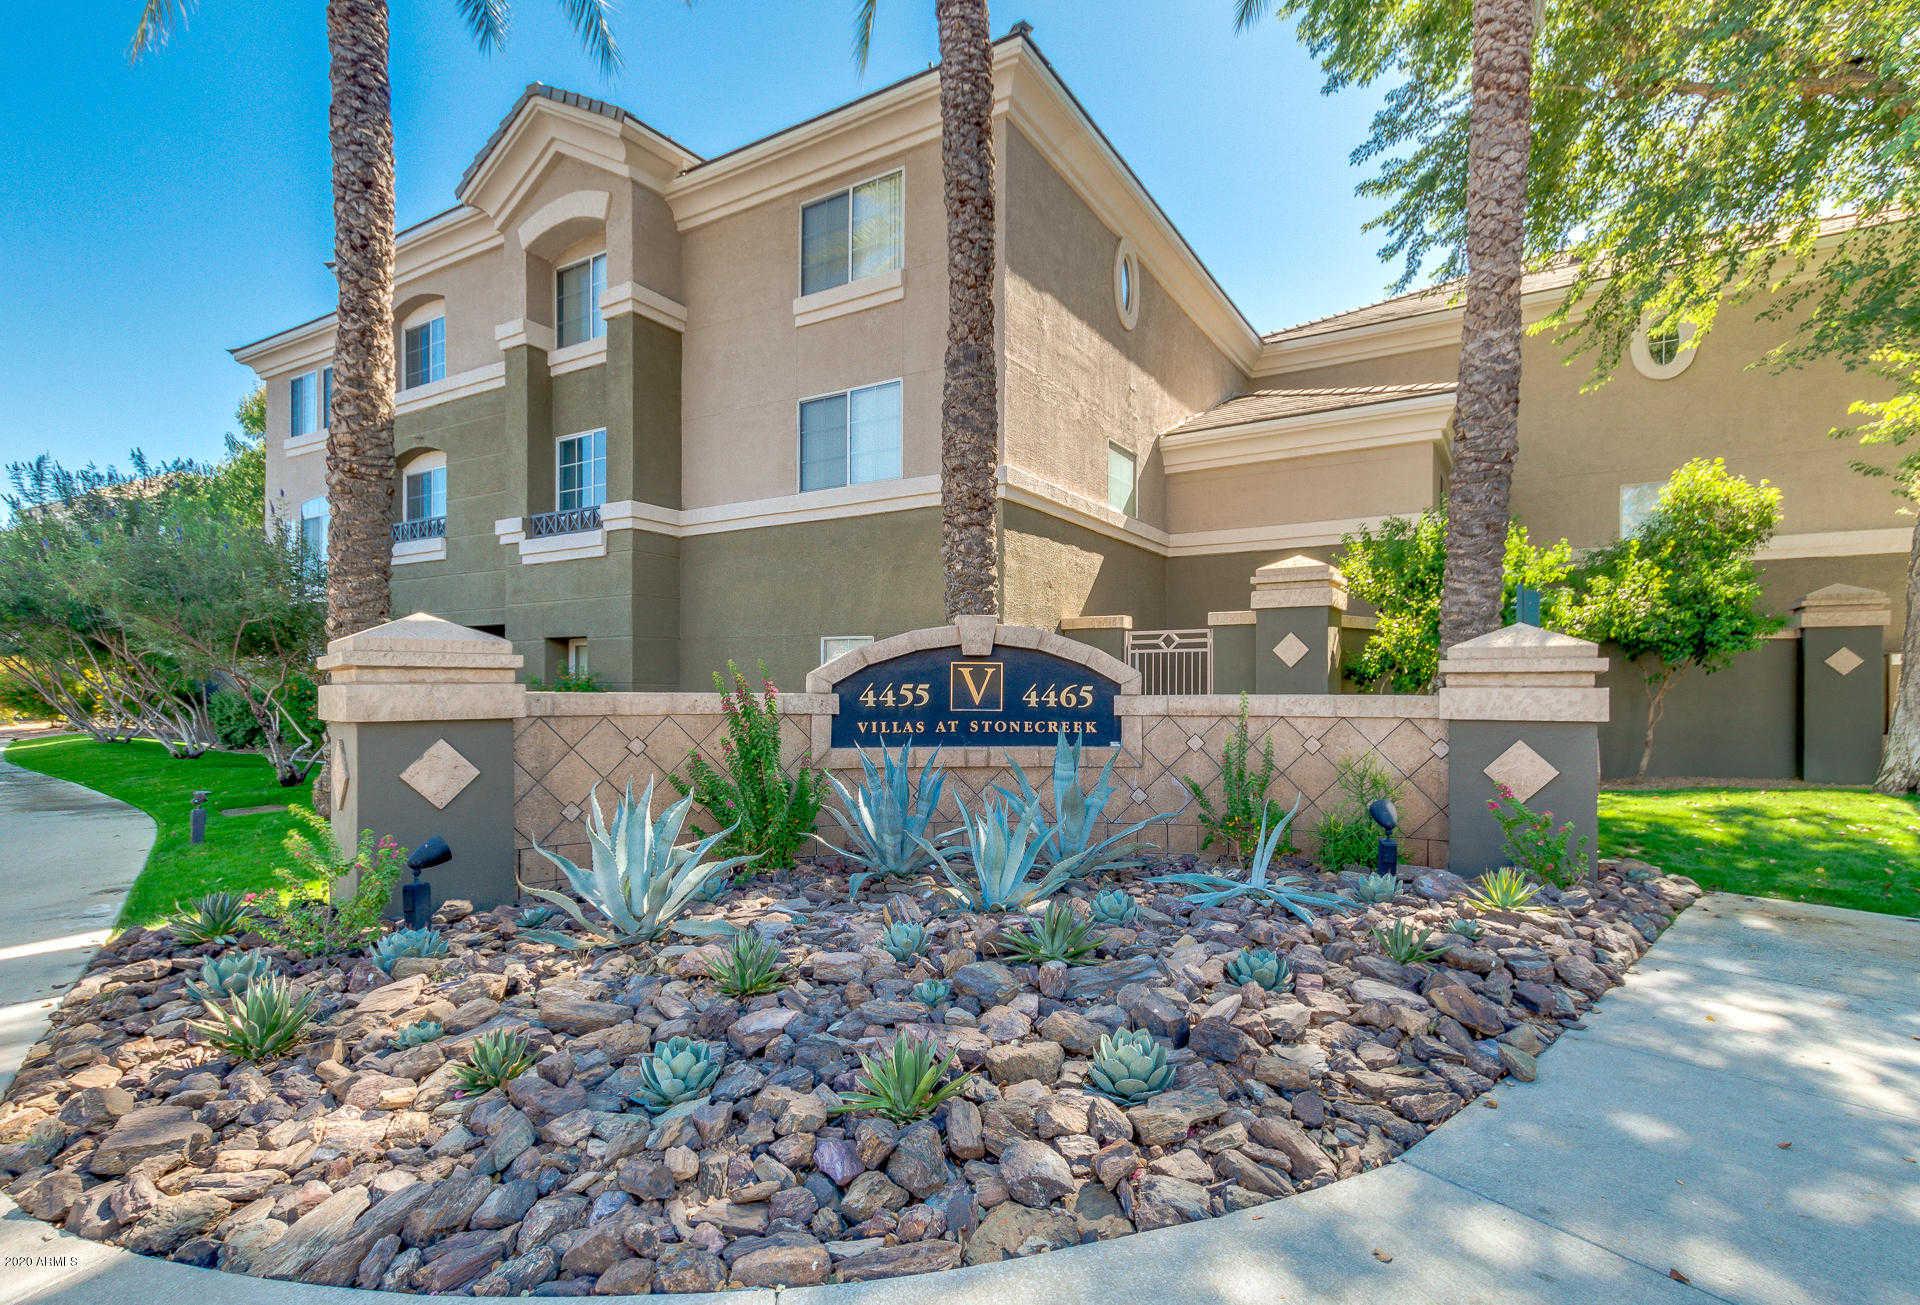 $199,900 - 1Br/1Ba - for Sale in Villas At Stonecreek Luxury Condominiums, Phoenix